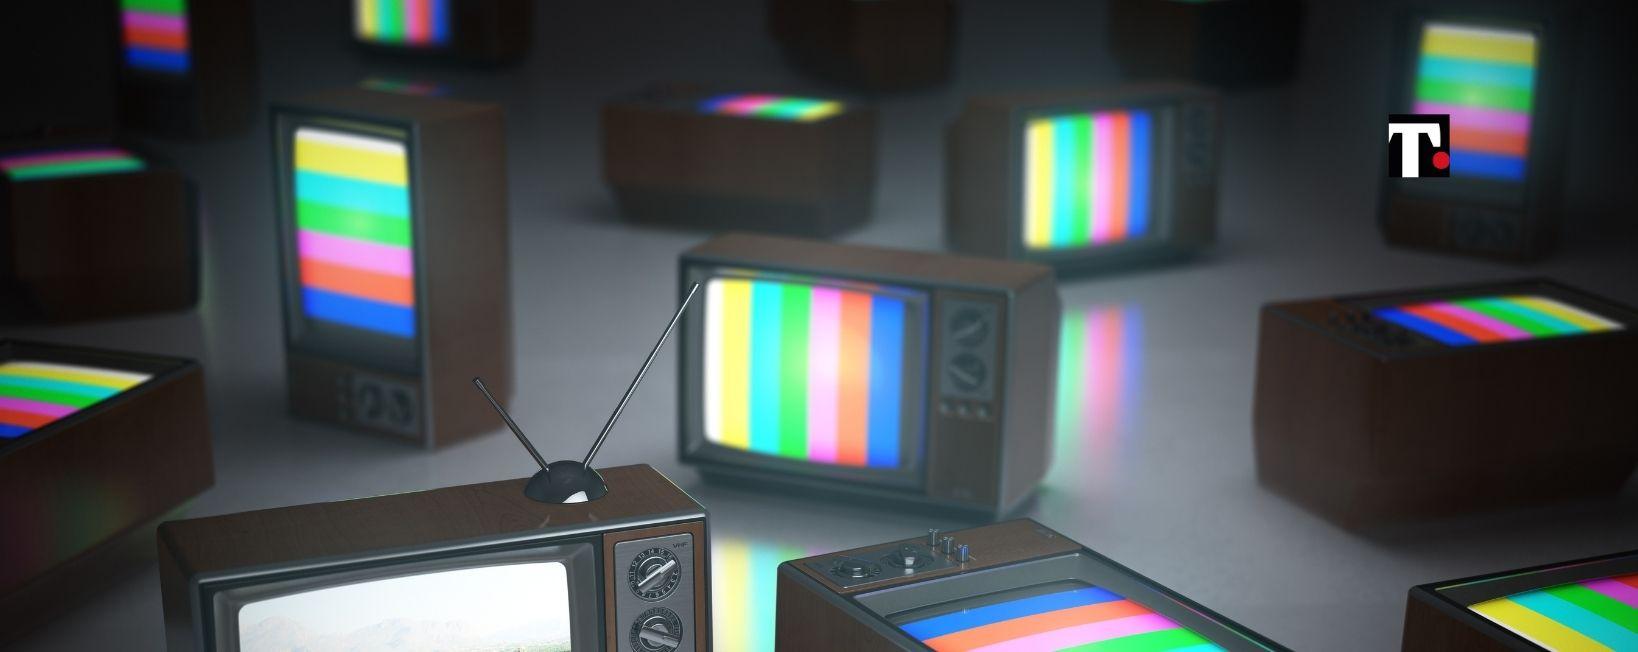 Bonus TV 2021 senza ISEE: come richiederlo? Requisiti e modulo